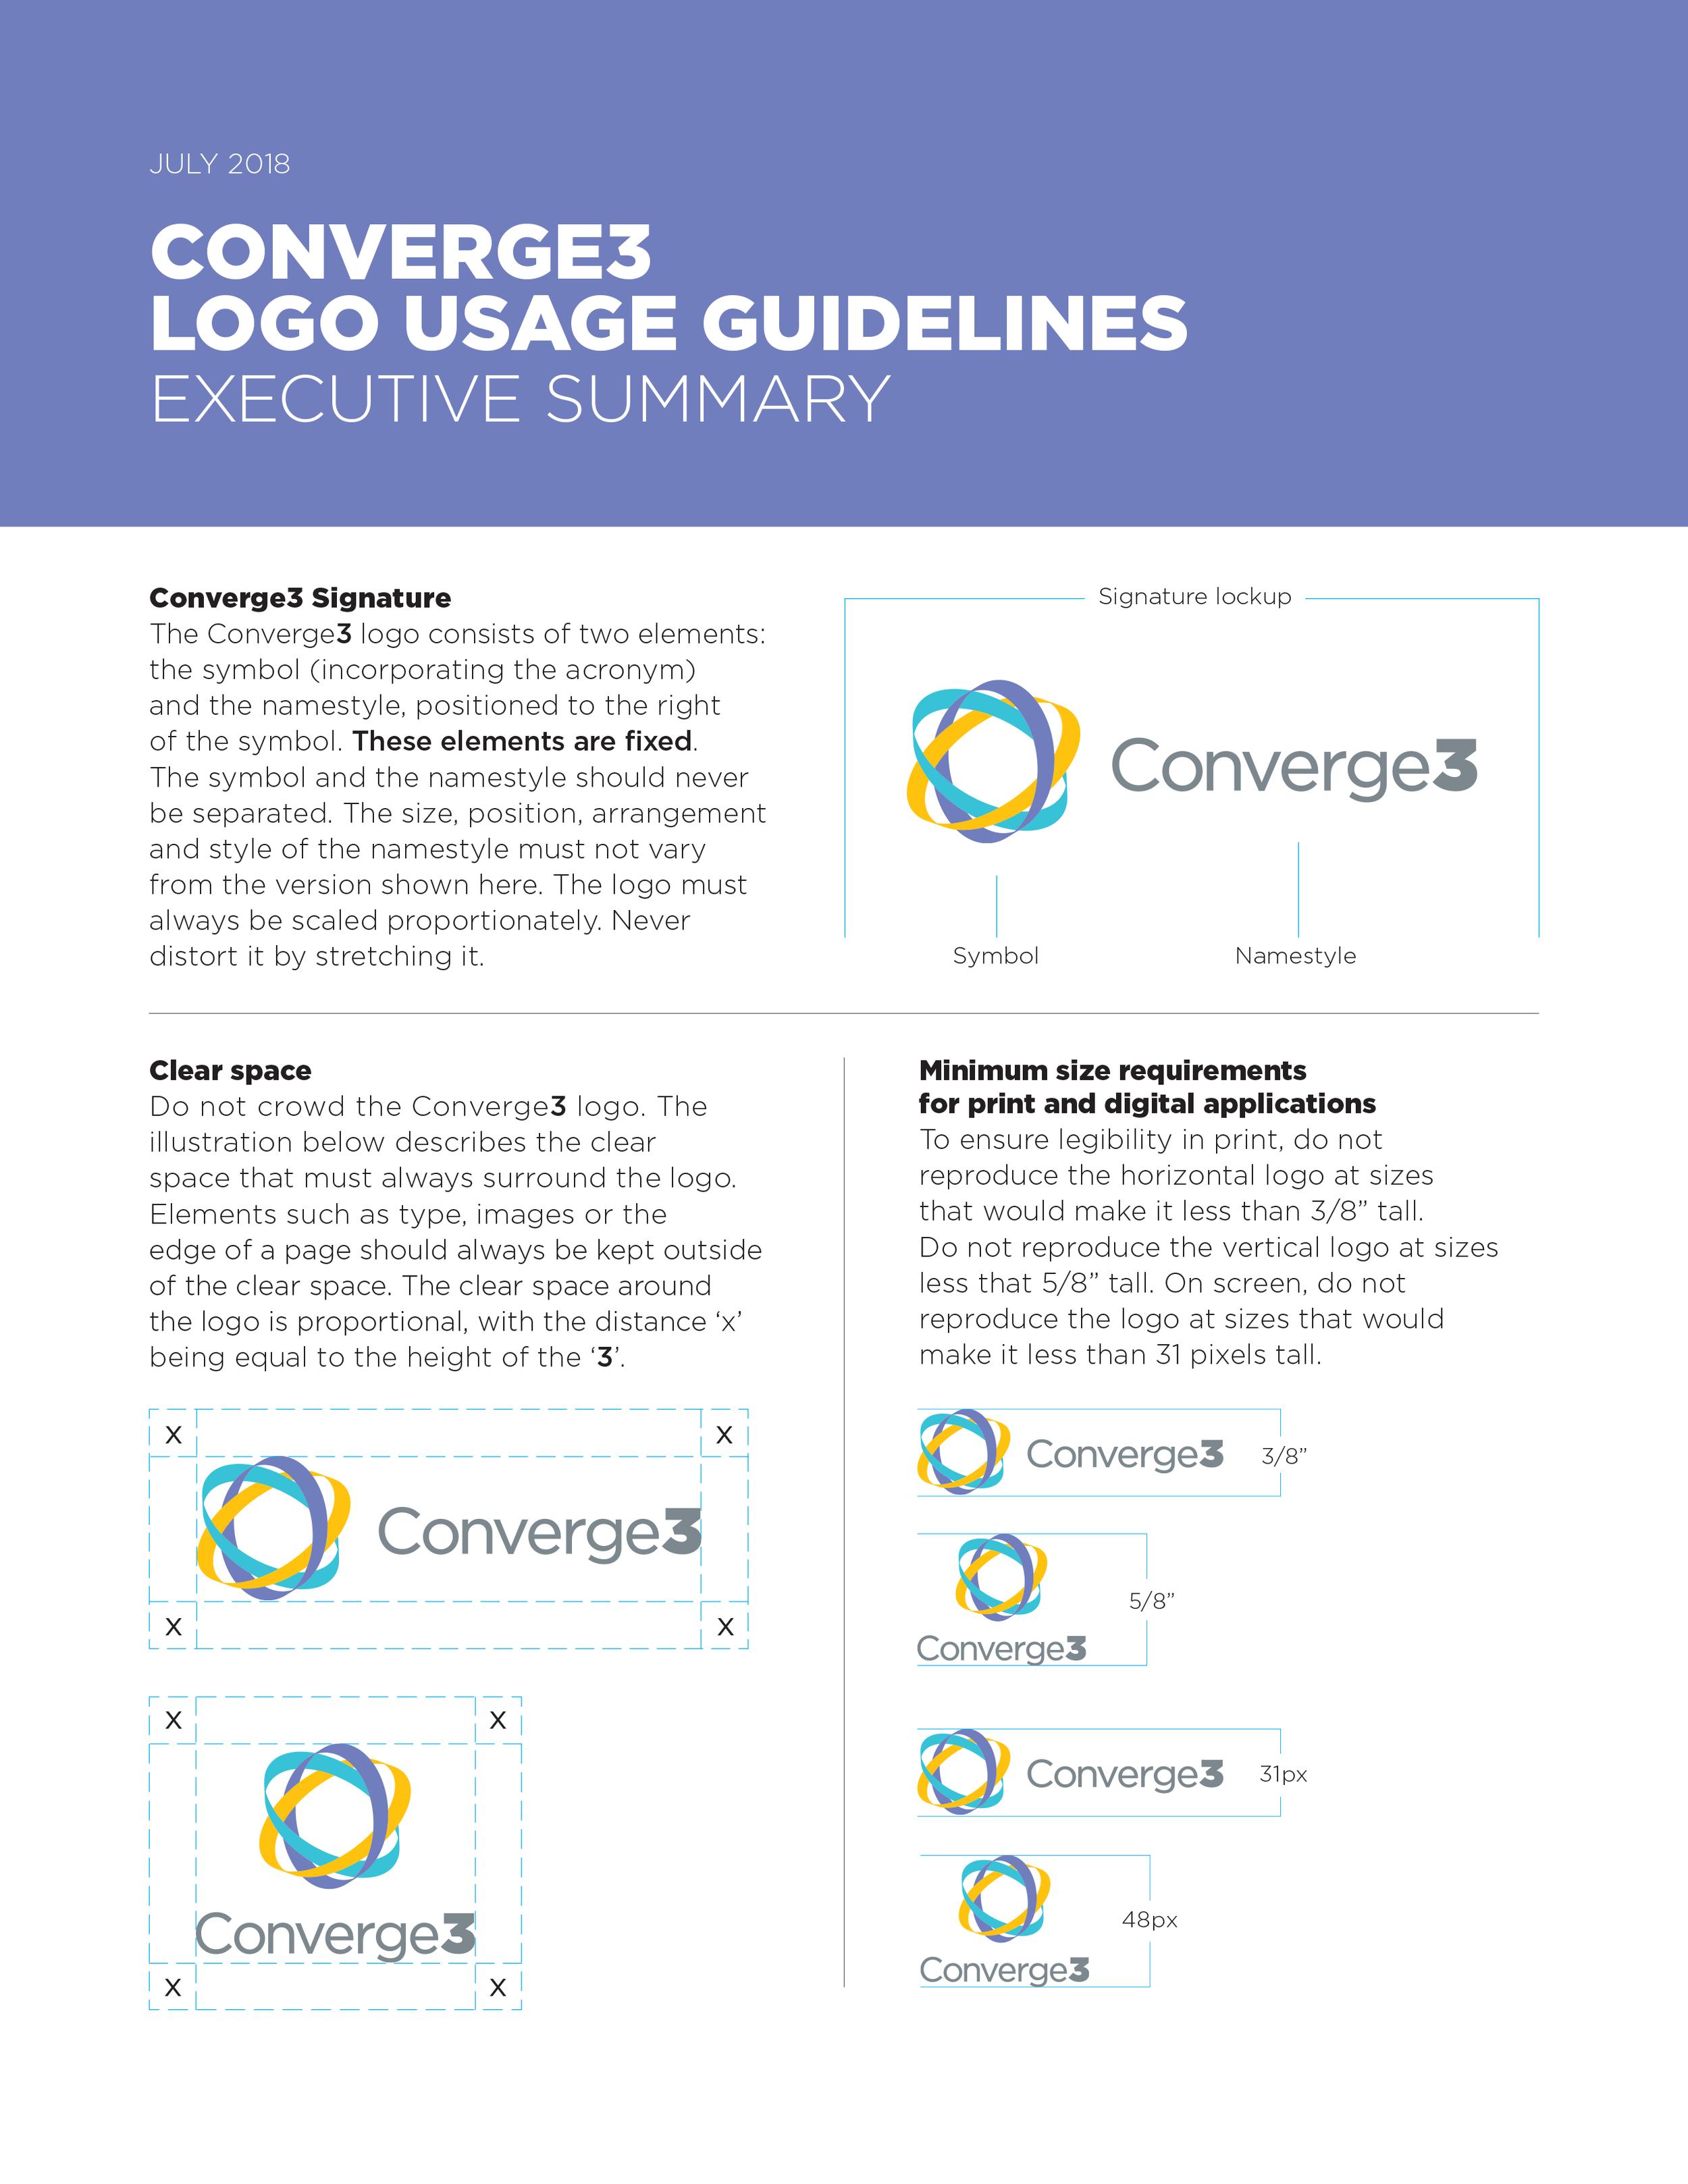 GAVA_Logo_Usage_Guidelines-1.png